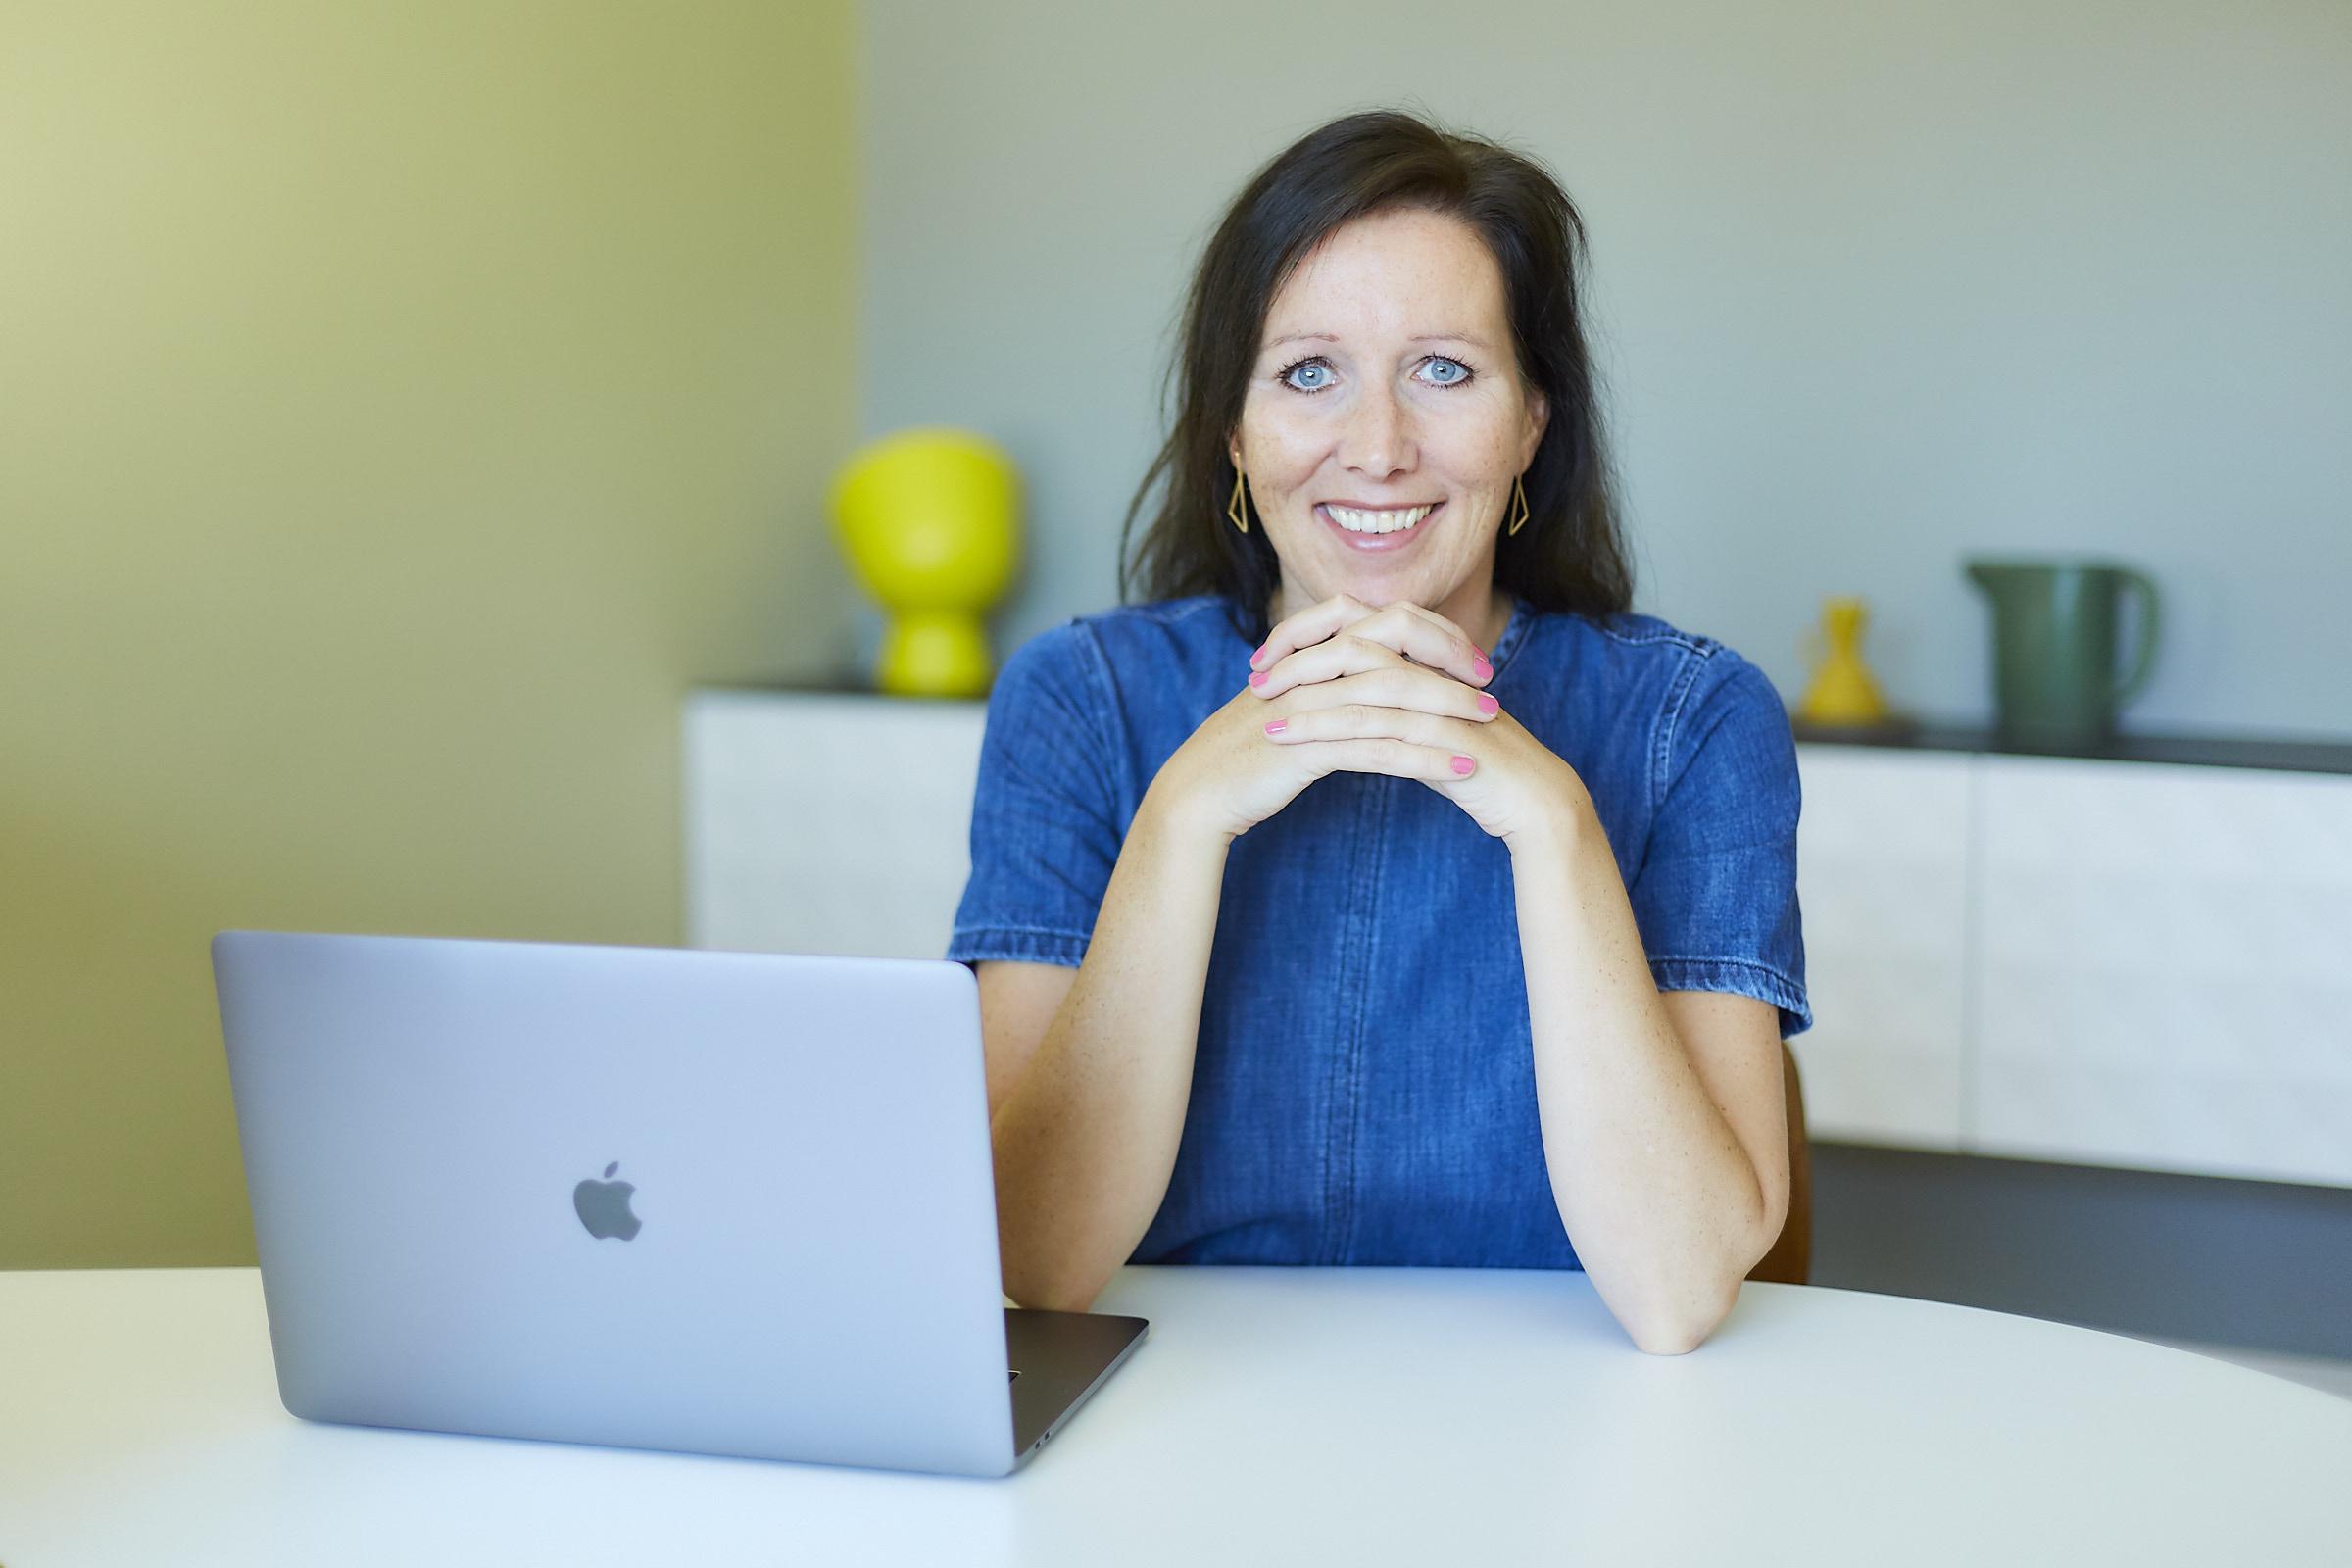 Coaching für Frauen im Beruf, Arbeitsorganisation, strukturierte Arbeitsweise